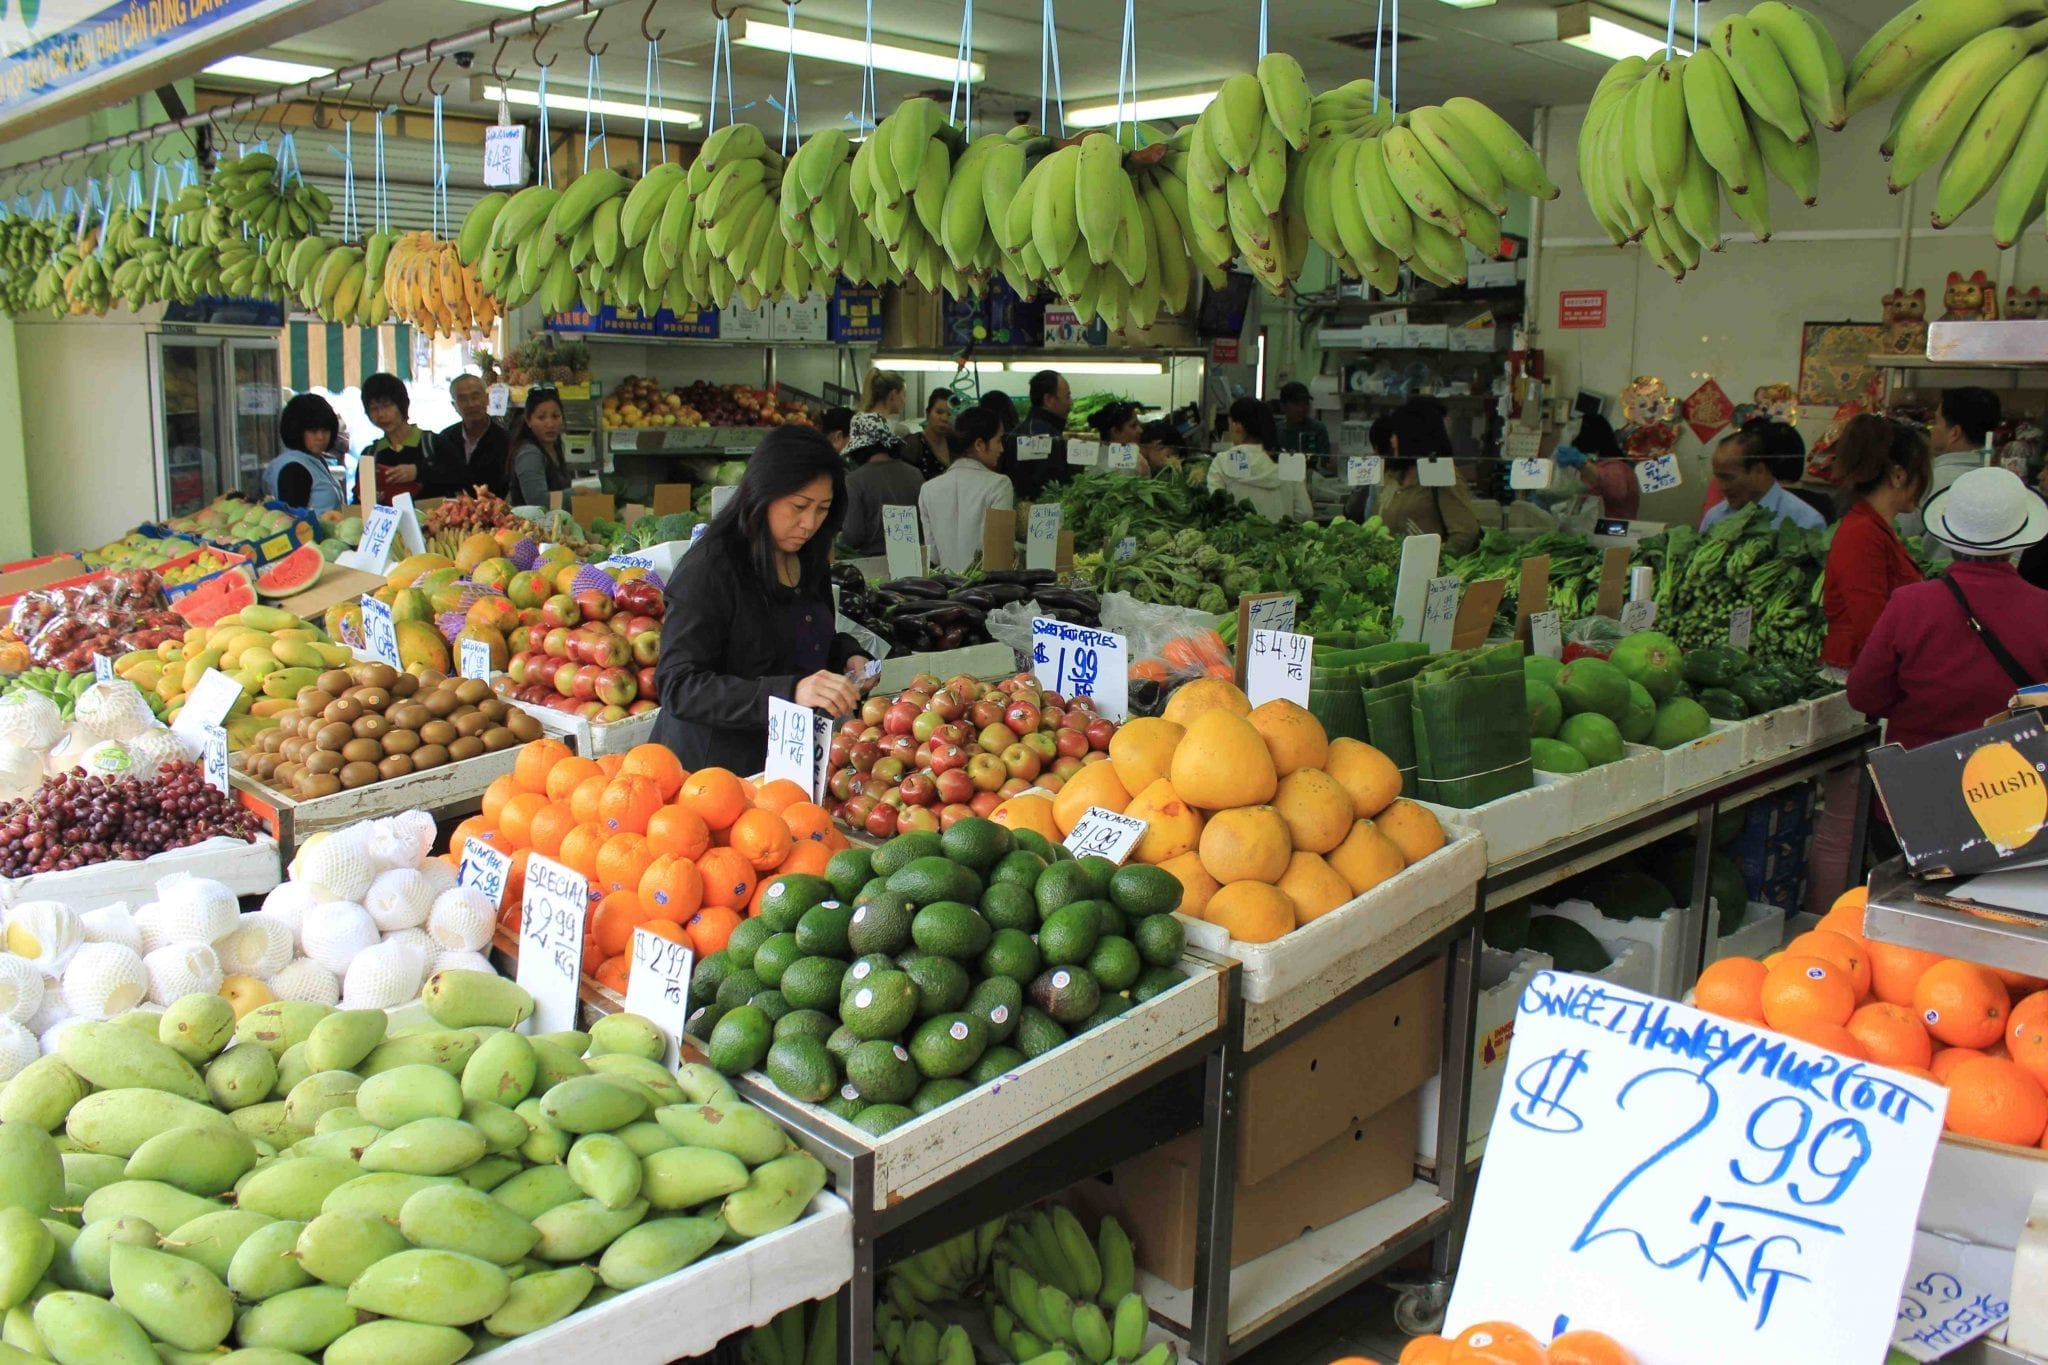 Vietnam, yılda 22 milyar dolarlık tarım ve gıda ürünü ithal ediyor